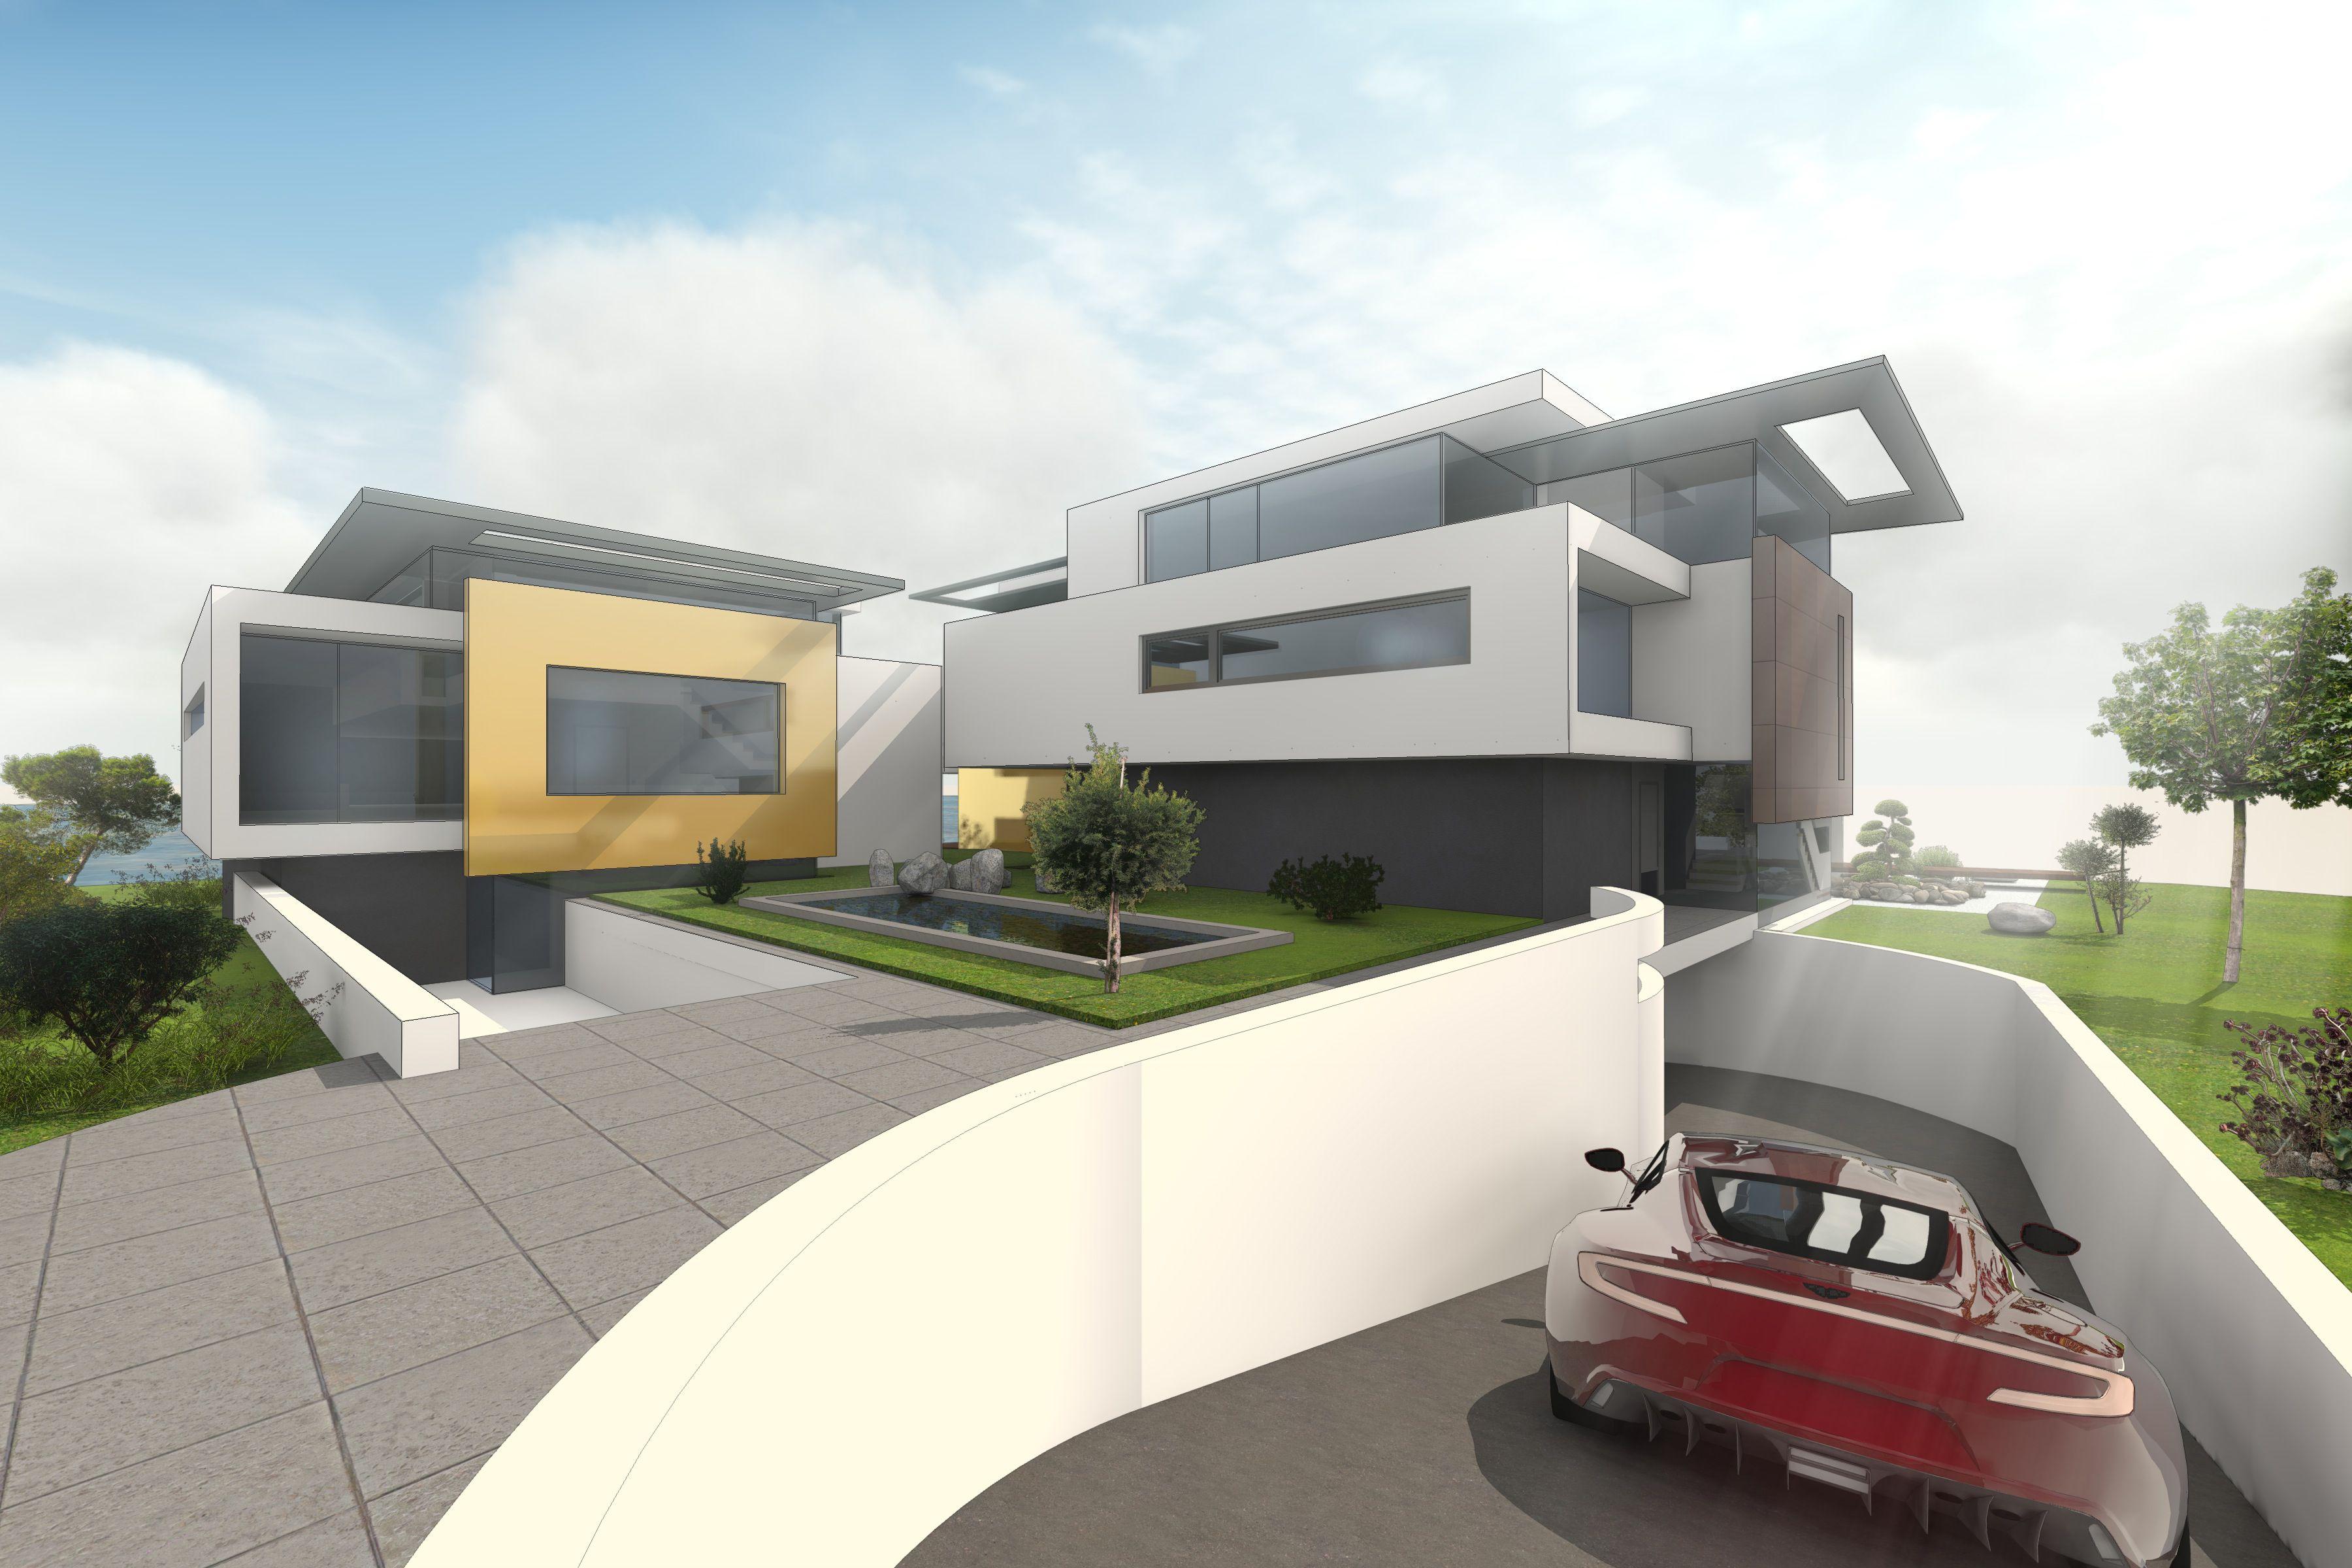 Moderne Mehrfamilienhäuser Bilder moderne mehrfamilienhäuser bauen mit jeweils 4 wohnungen und